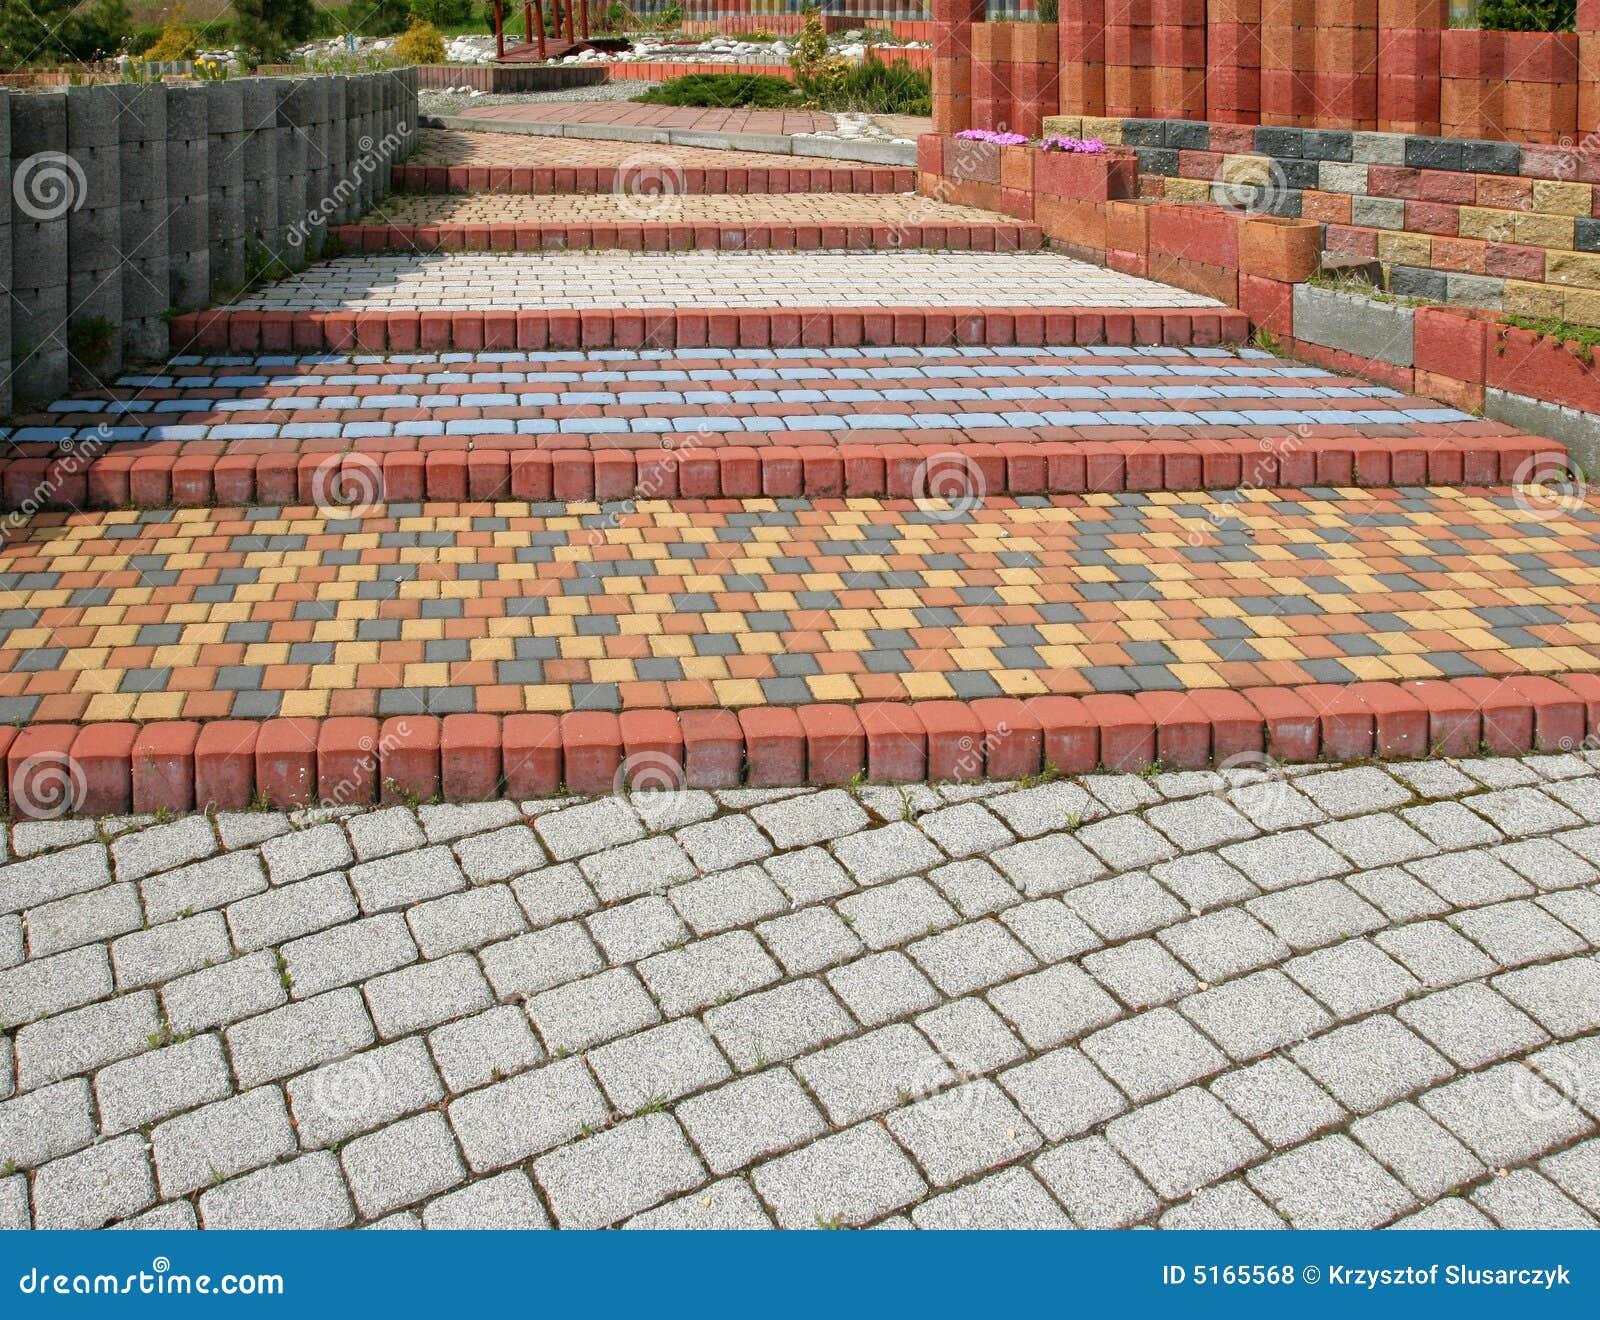 Pavimento del adoqu n foto de archivo imagen de cobble 5165568 - Jardines con adoquin ...